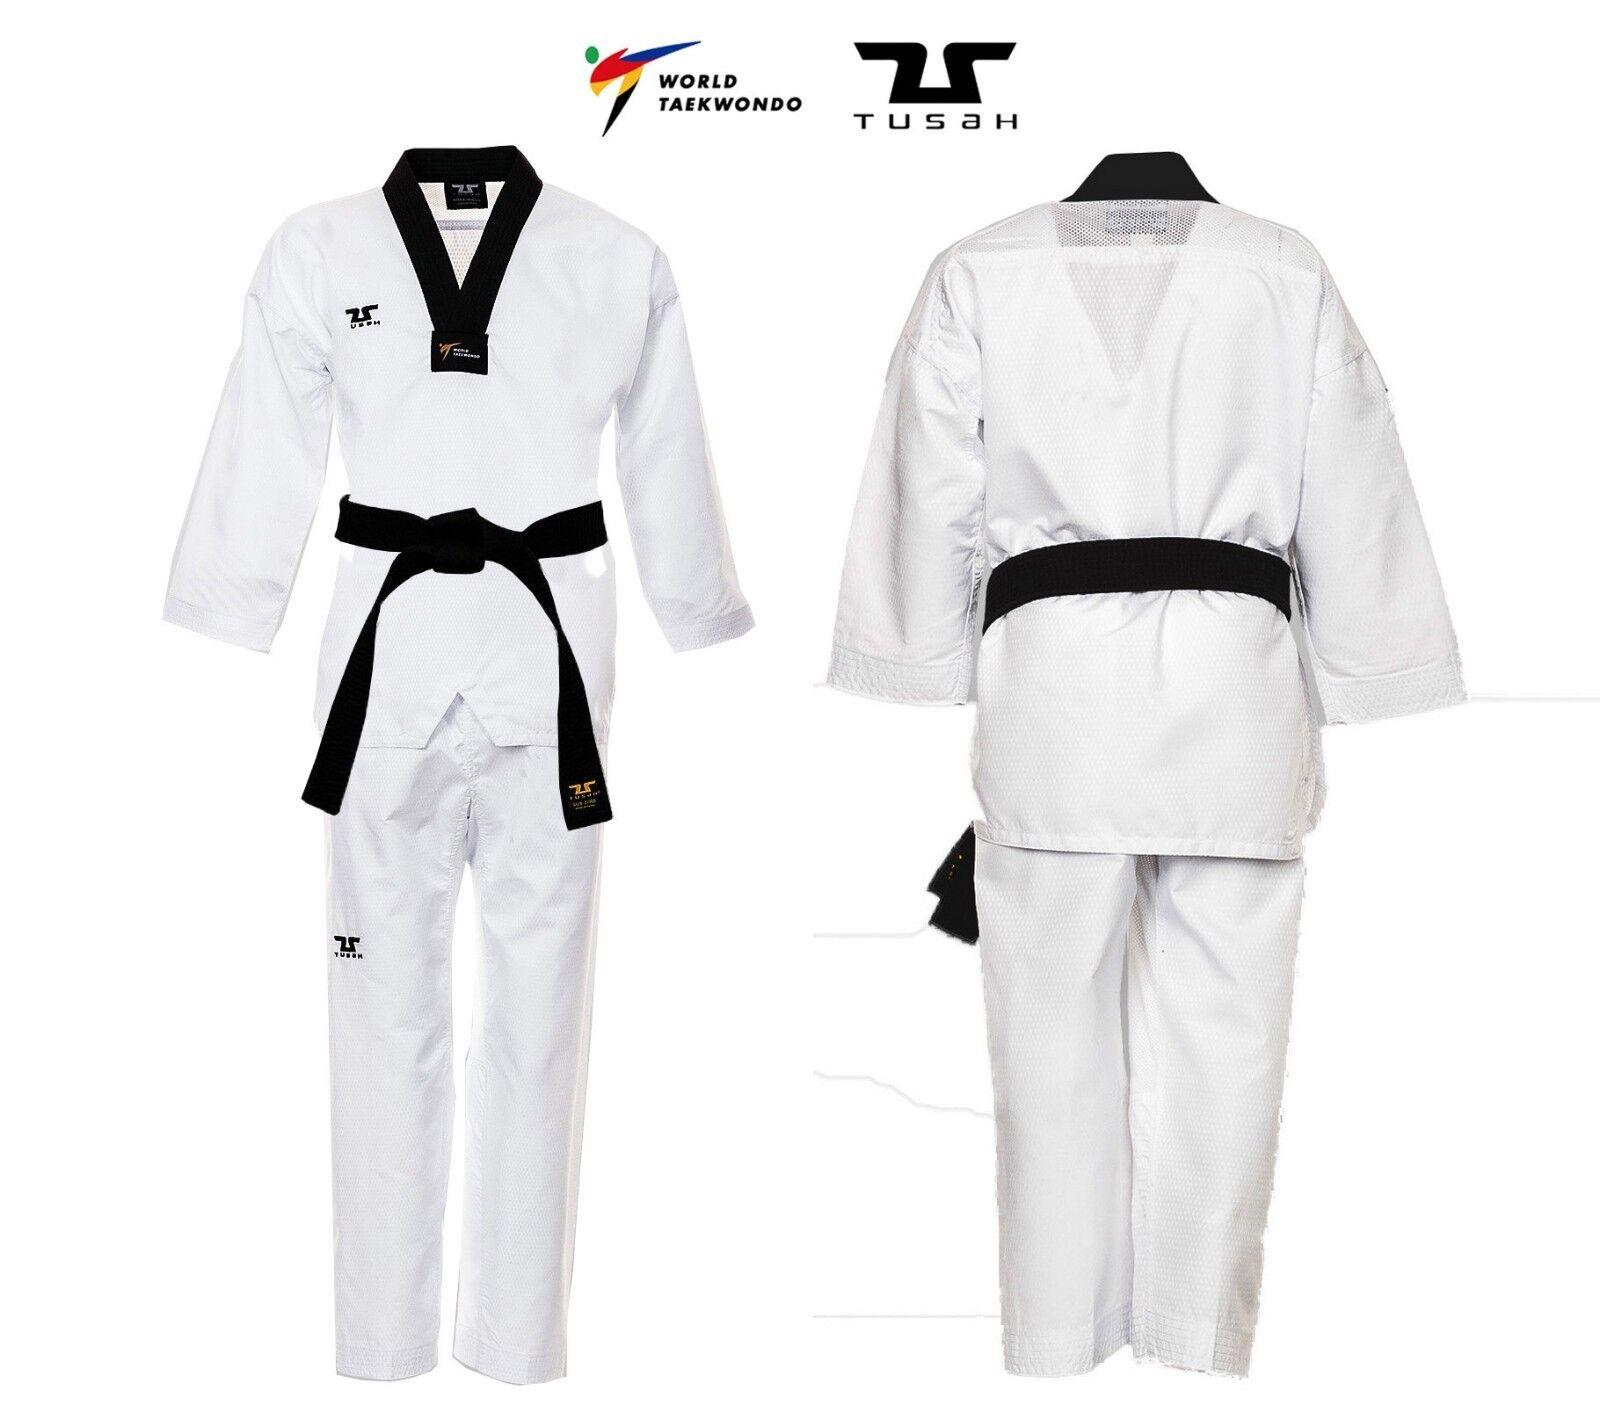 Dobok EasyFit combatiente Ultraleggero TUSAH per Taekwondo OMOLOGATO WT collo Nero